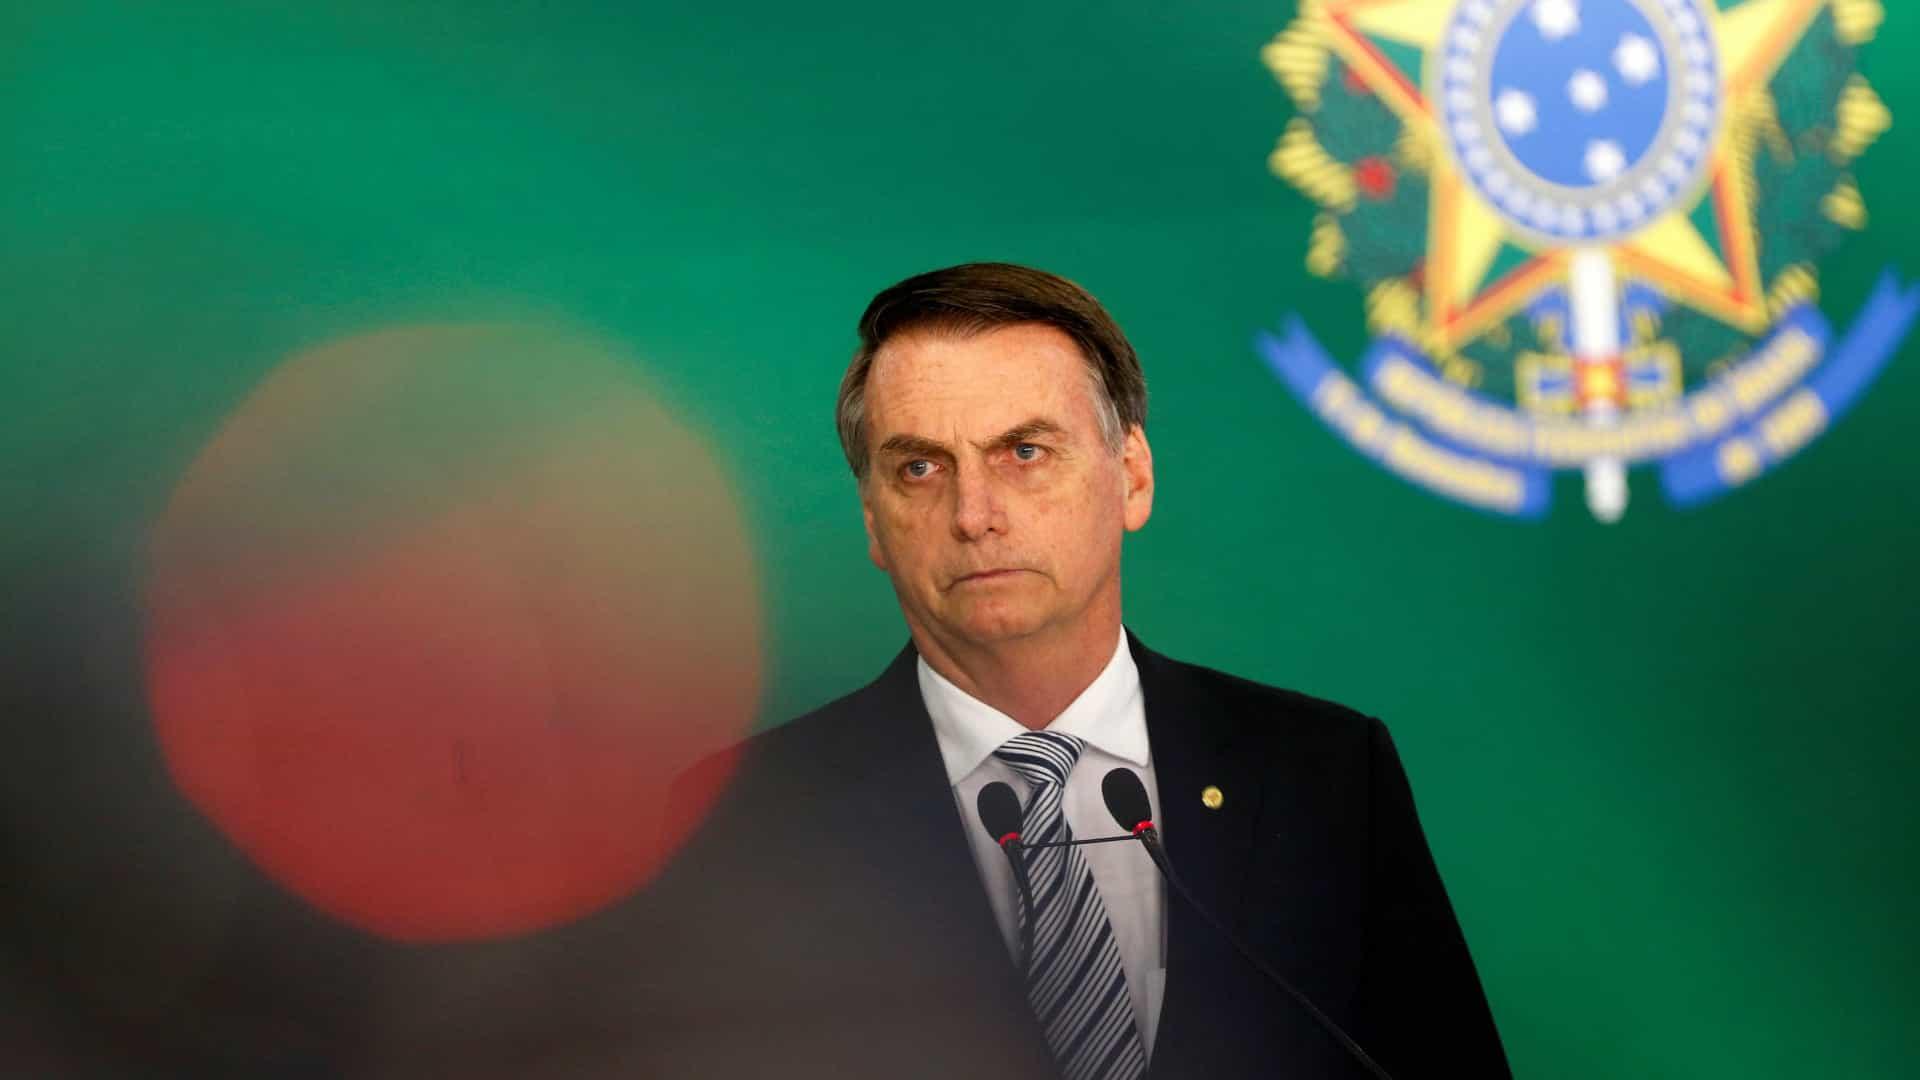 naom 5be381b43e084 - Bolsonaro sanciona com vetos Lei de Diretrizes Orçamentárias para 2020